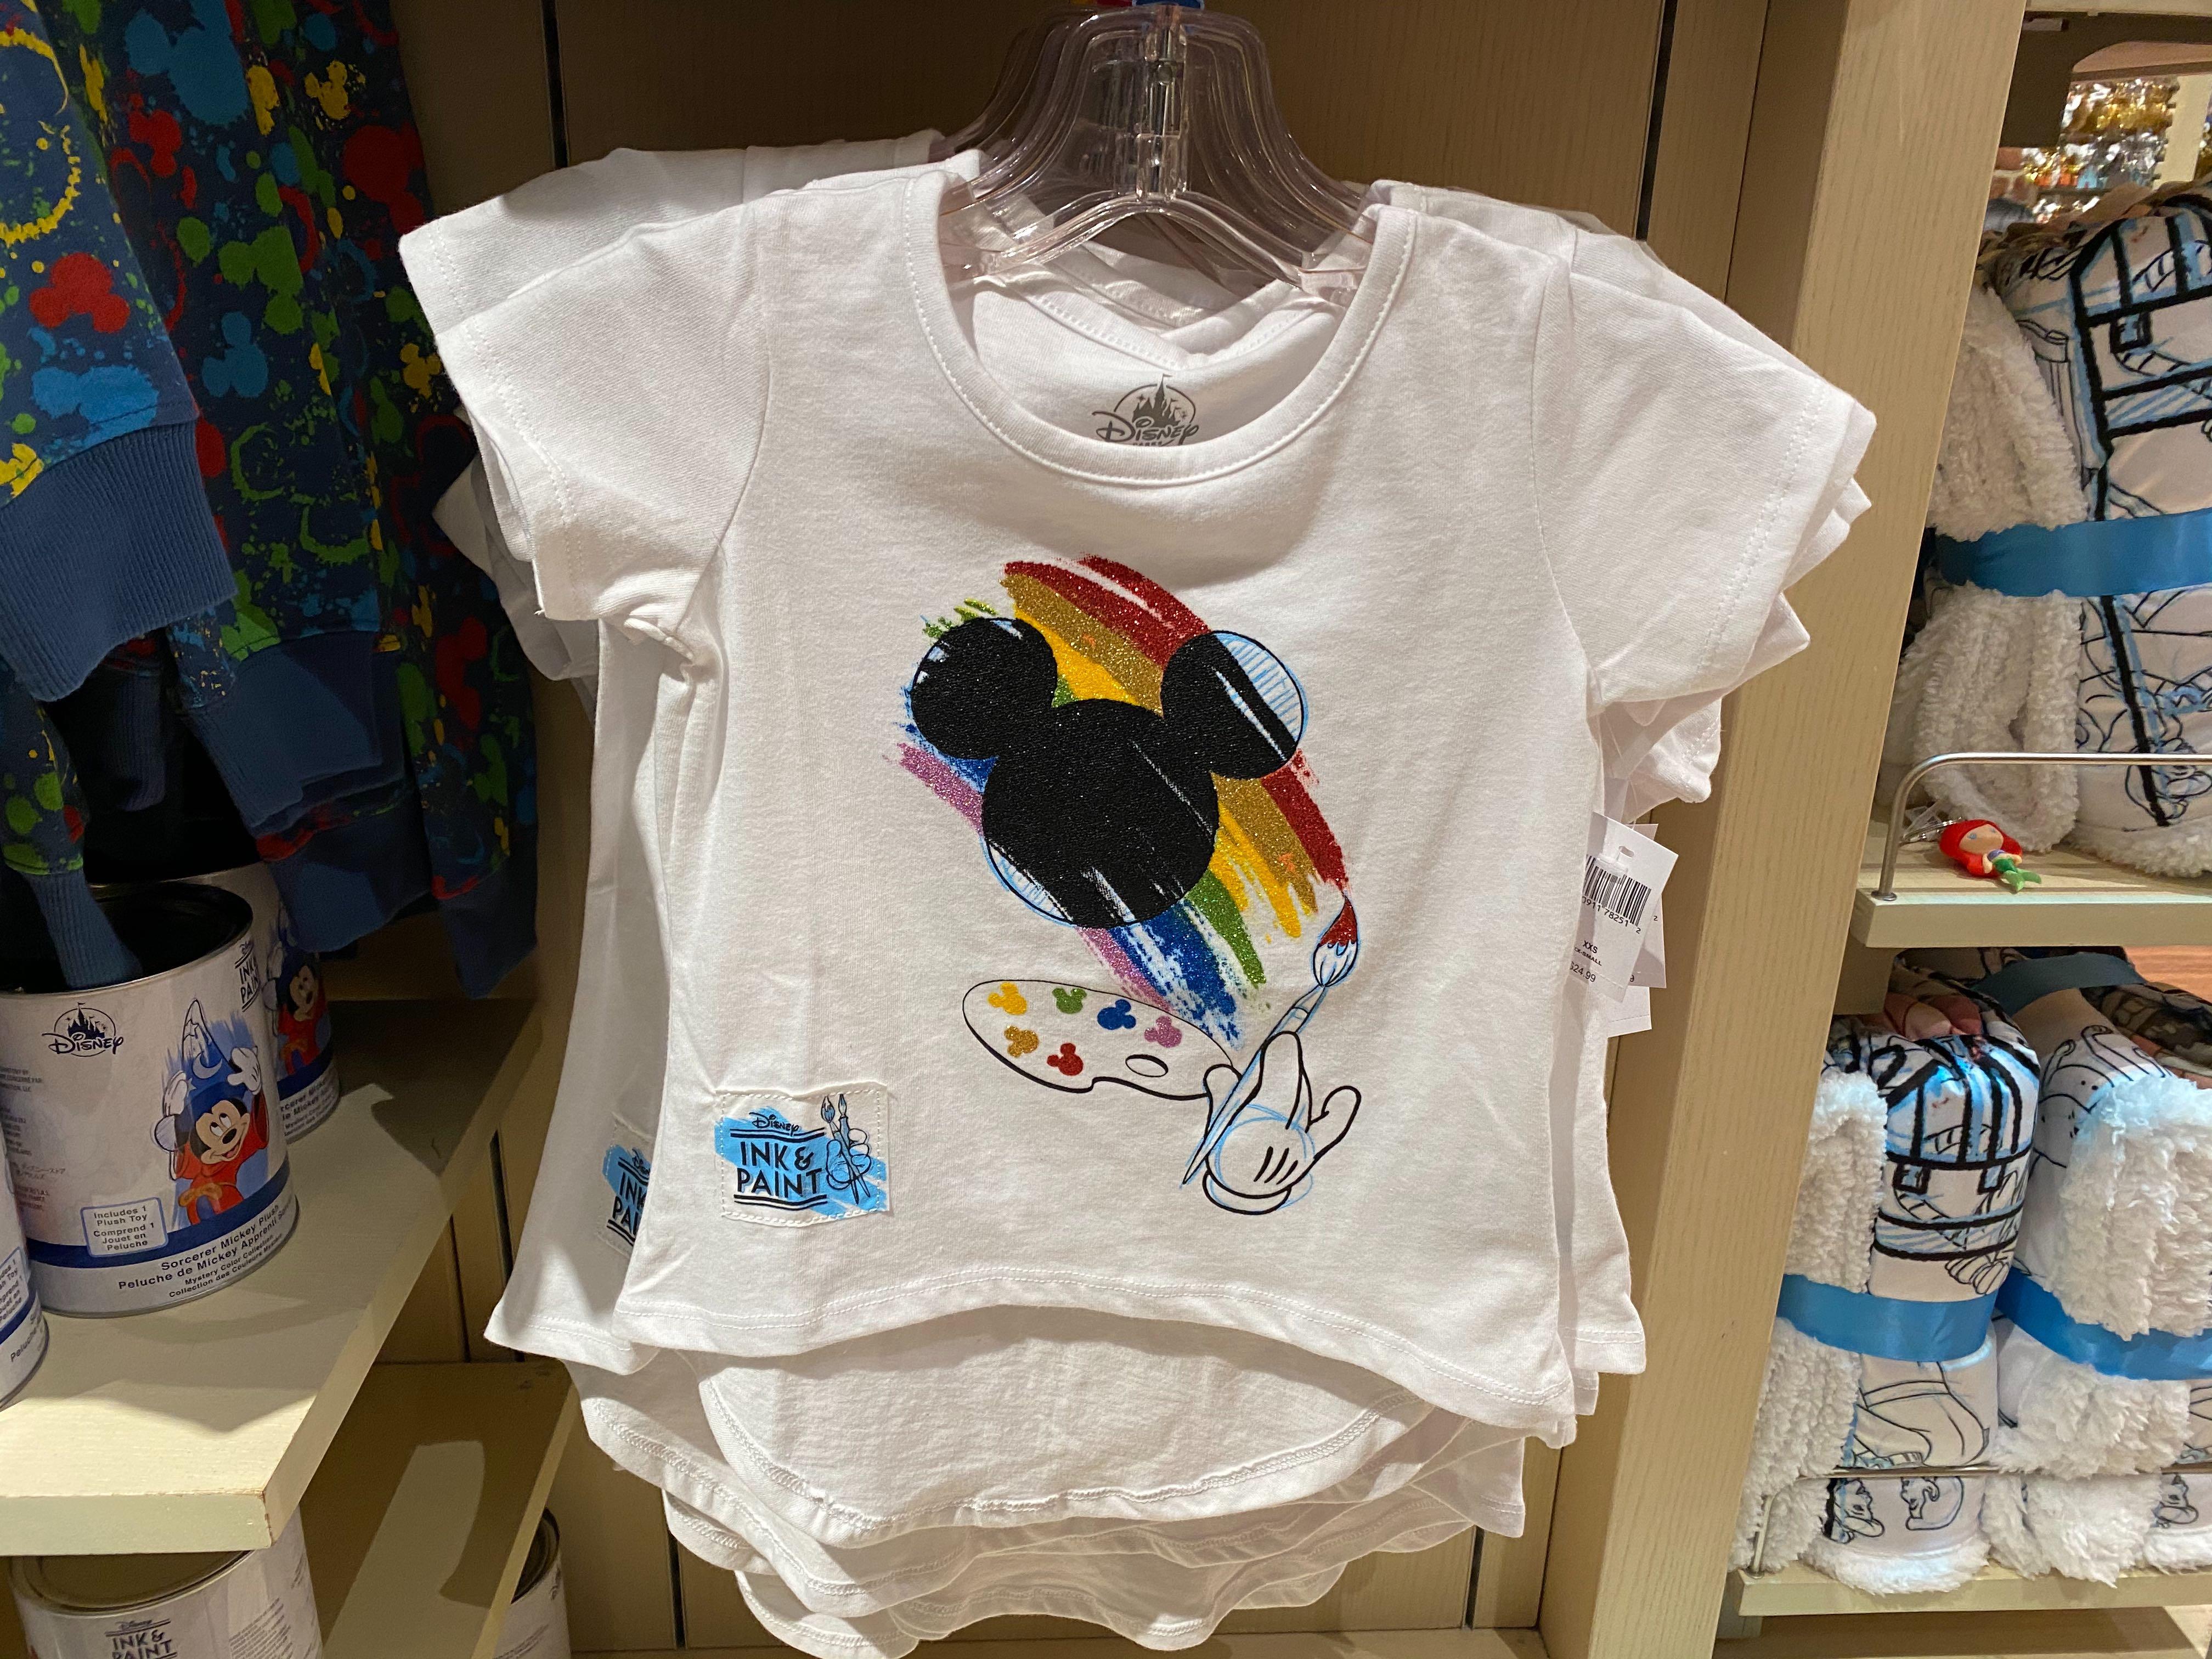 Girls Glitter Paint Shirt - $24.99